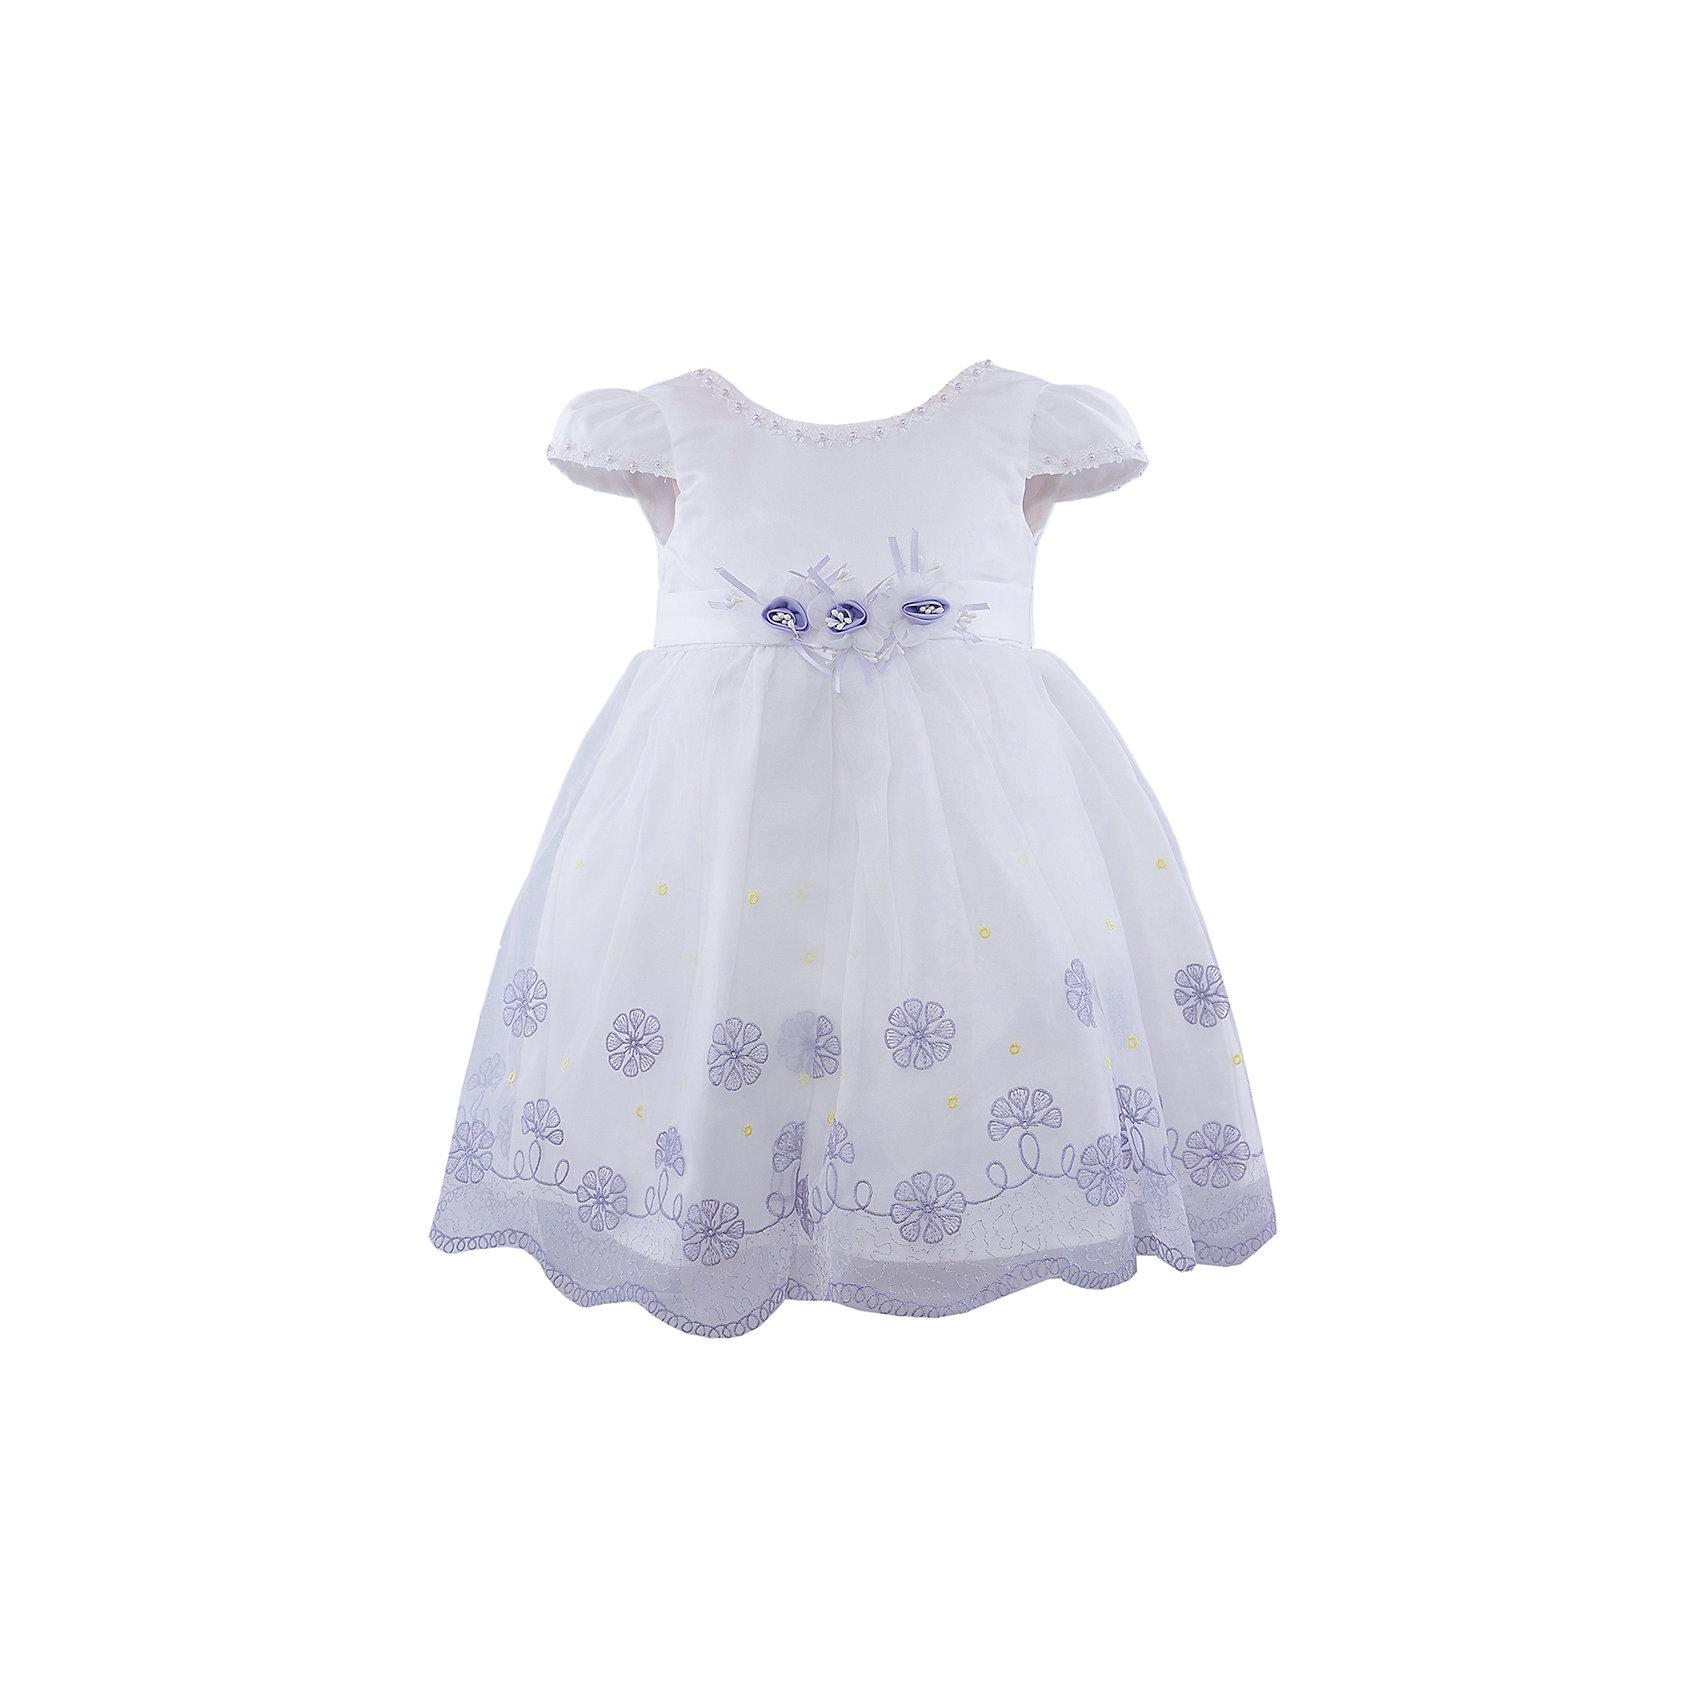 Нарядное платье для девочки VitacciОдежда<br>Платье для девочки от известного бренда Vitacci.<br>Очаровательное платье для маленькой принцессы. Модель отрезная по линии талии,с застёжкой молнией на спинке.<br>Состав:<br>100% полиэстер<br><br>Ширина мм: 236<br>Глубина мм: 16<br>Высота мм: 184<br>Вес г: 177<br>Цвет: белый/голубой<br>Возраст от месяцев: 72<br>Возраст до месяцев: 84<br>Пол: Женский<br>Возраст: Детский<br>Размер: 120,80,90,100,110<br>SKU: 4956079